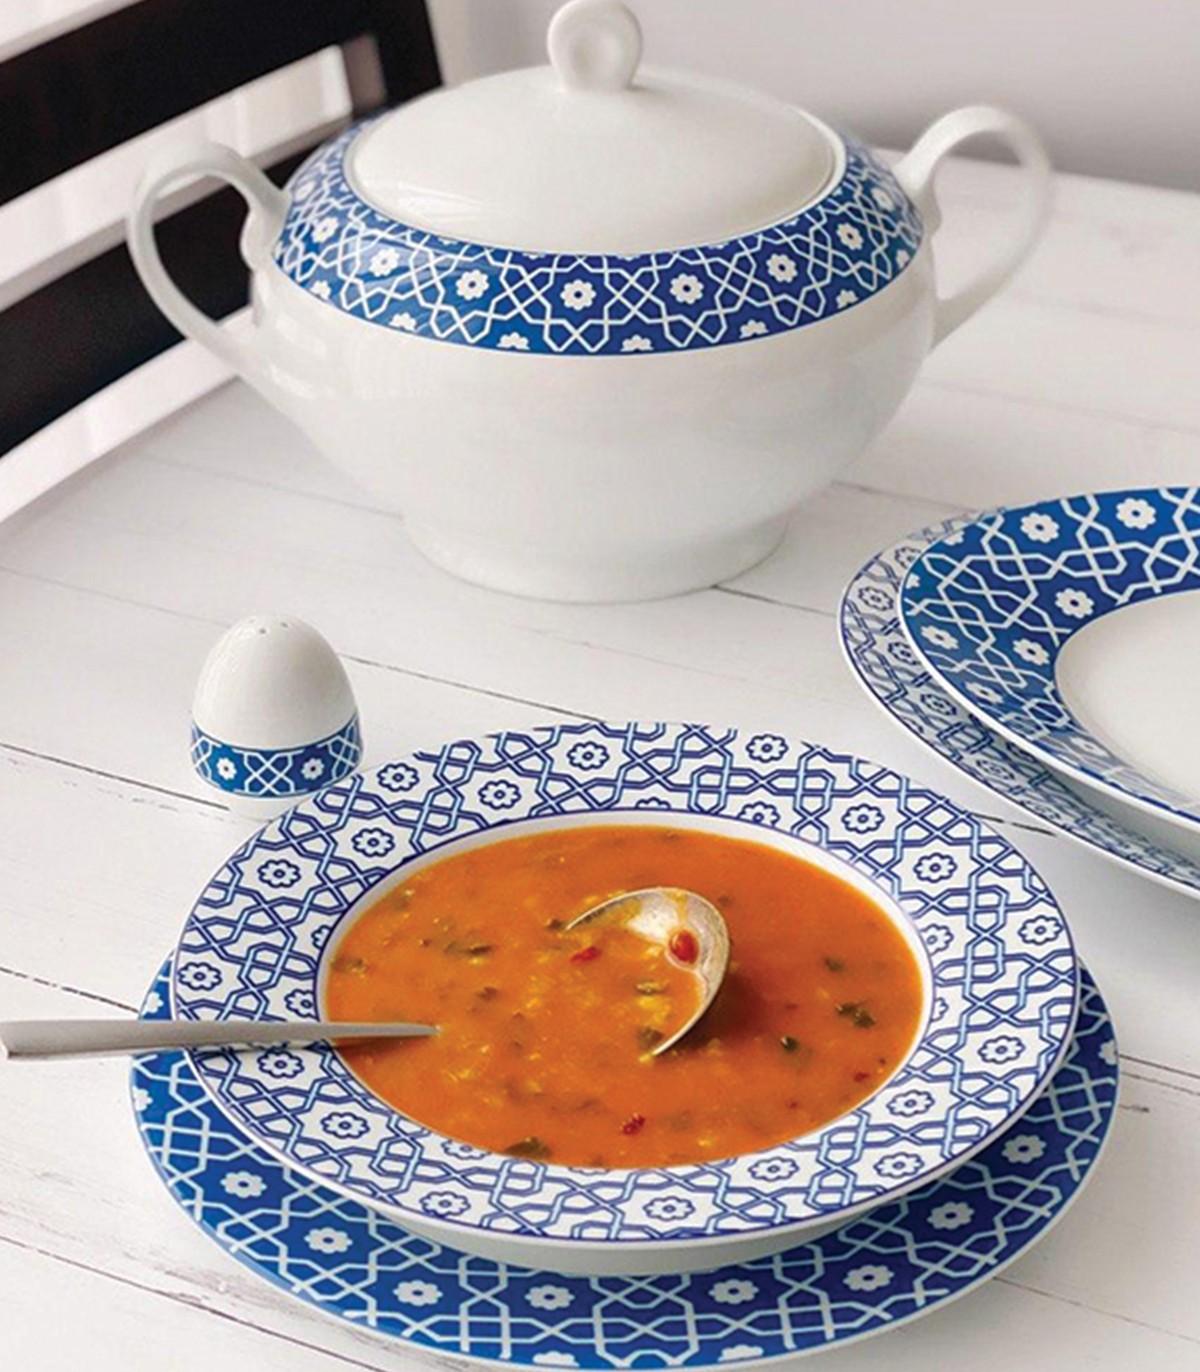 تصویر سرویس غذاخوری چینی 102 پارچ 12 نفره مدل میبد سرمه ای سری ایتالیا اف